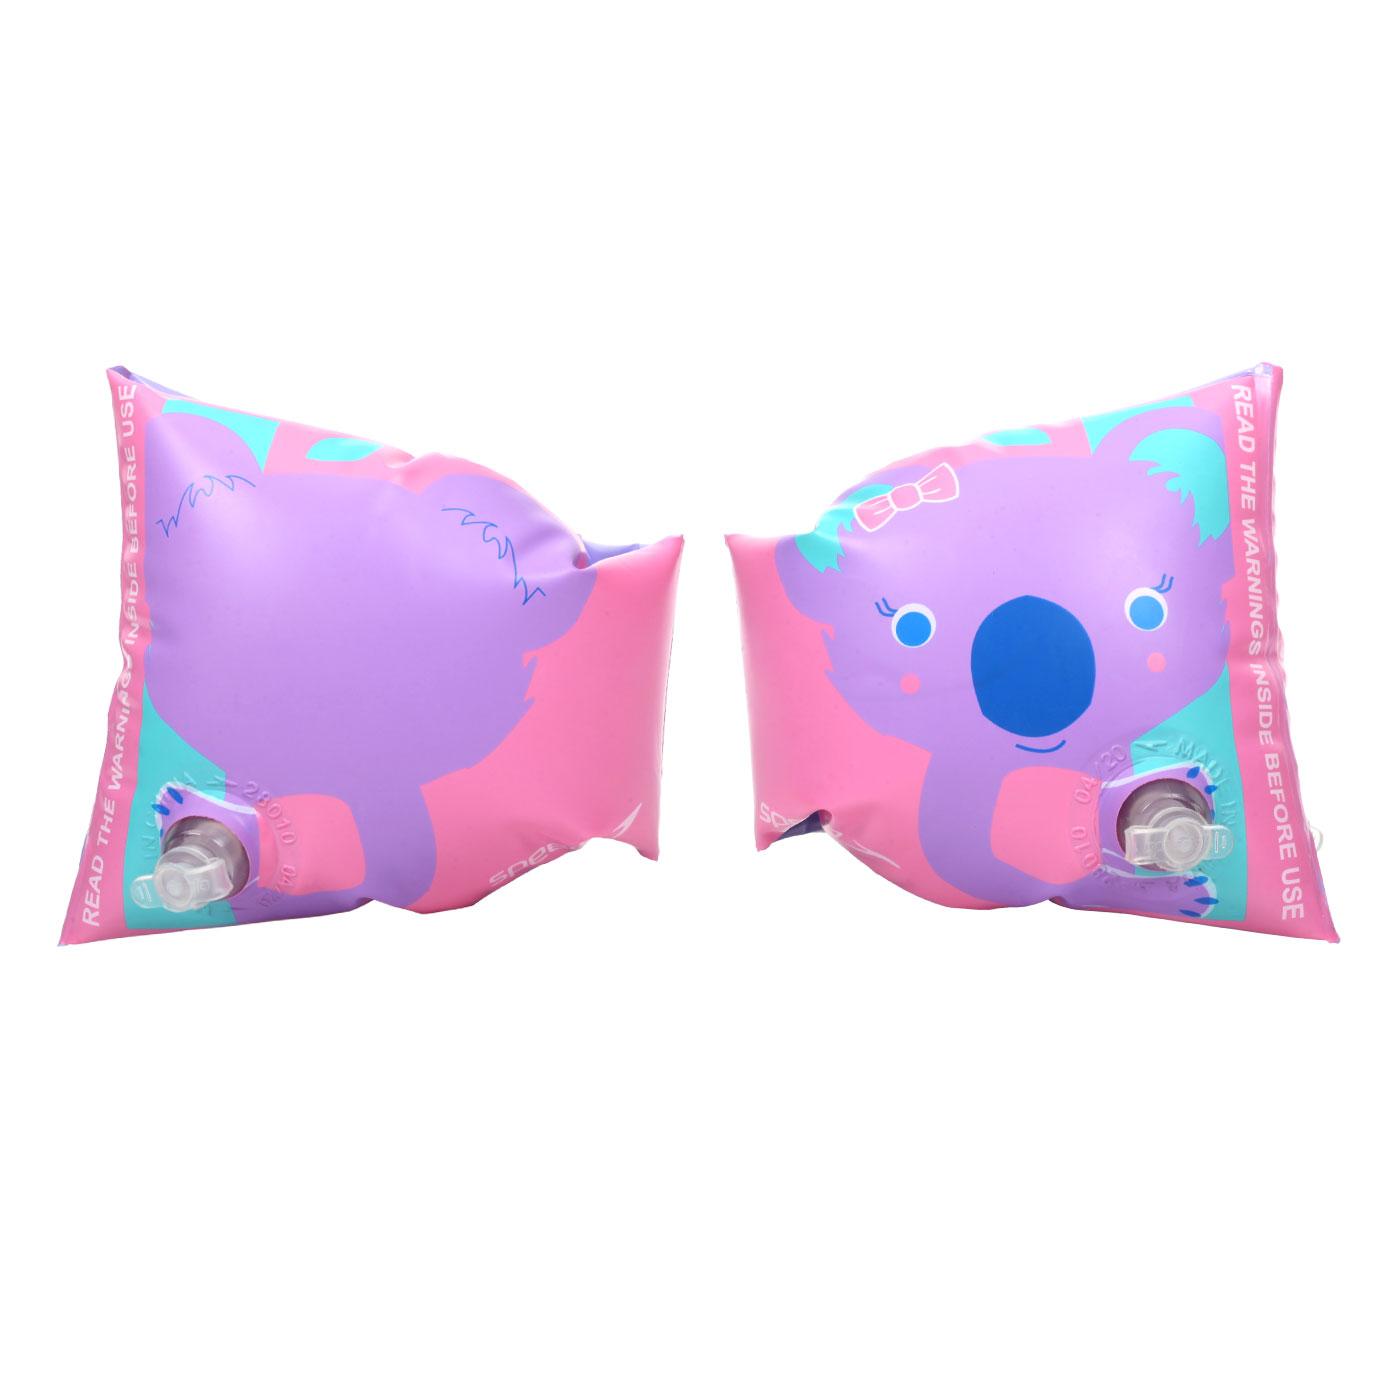 SPEEDO 兒童浮臂-無尾熊 SD811734D705 - 粉紫綠